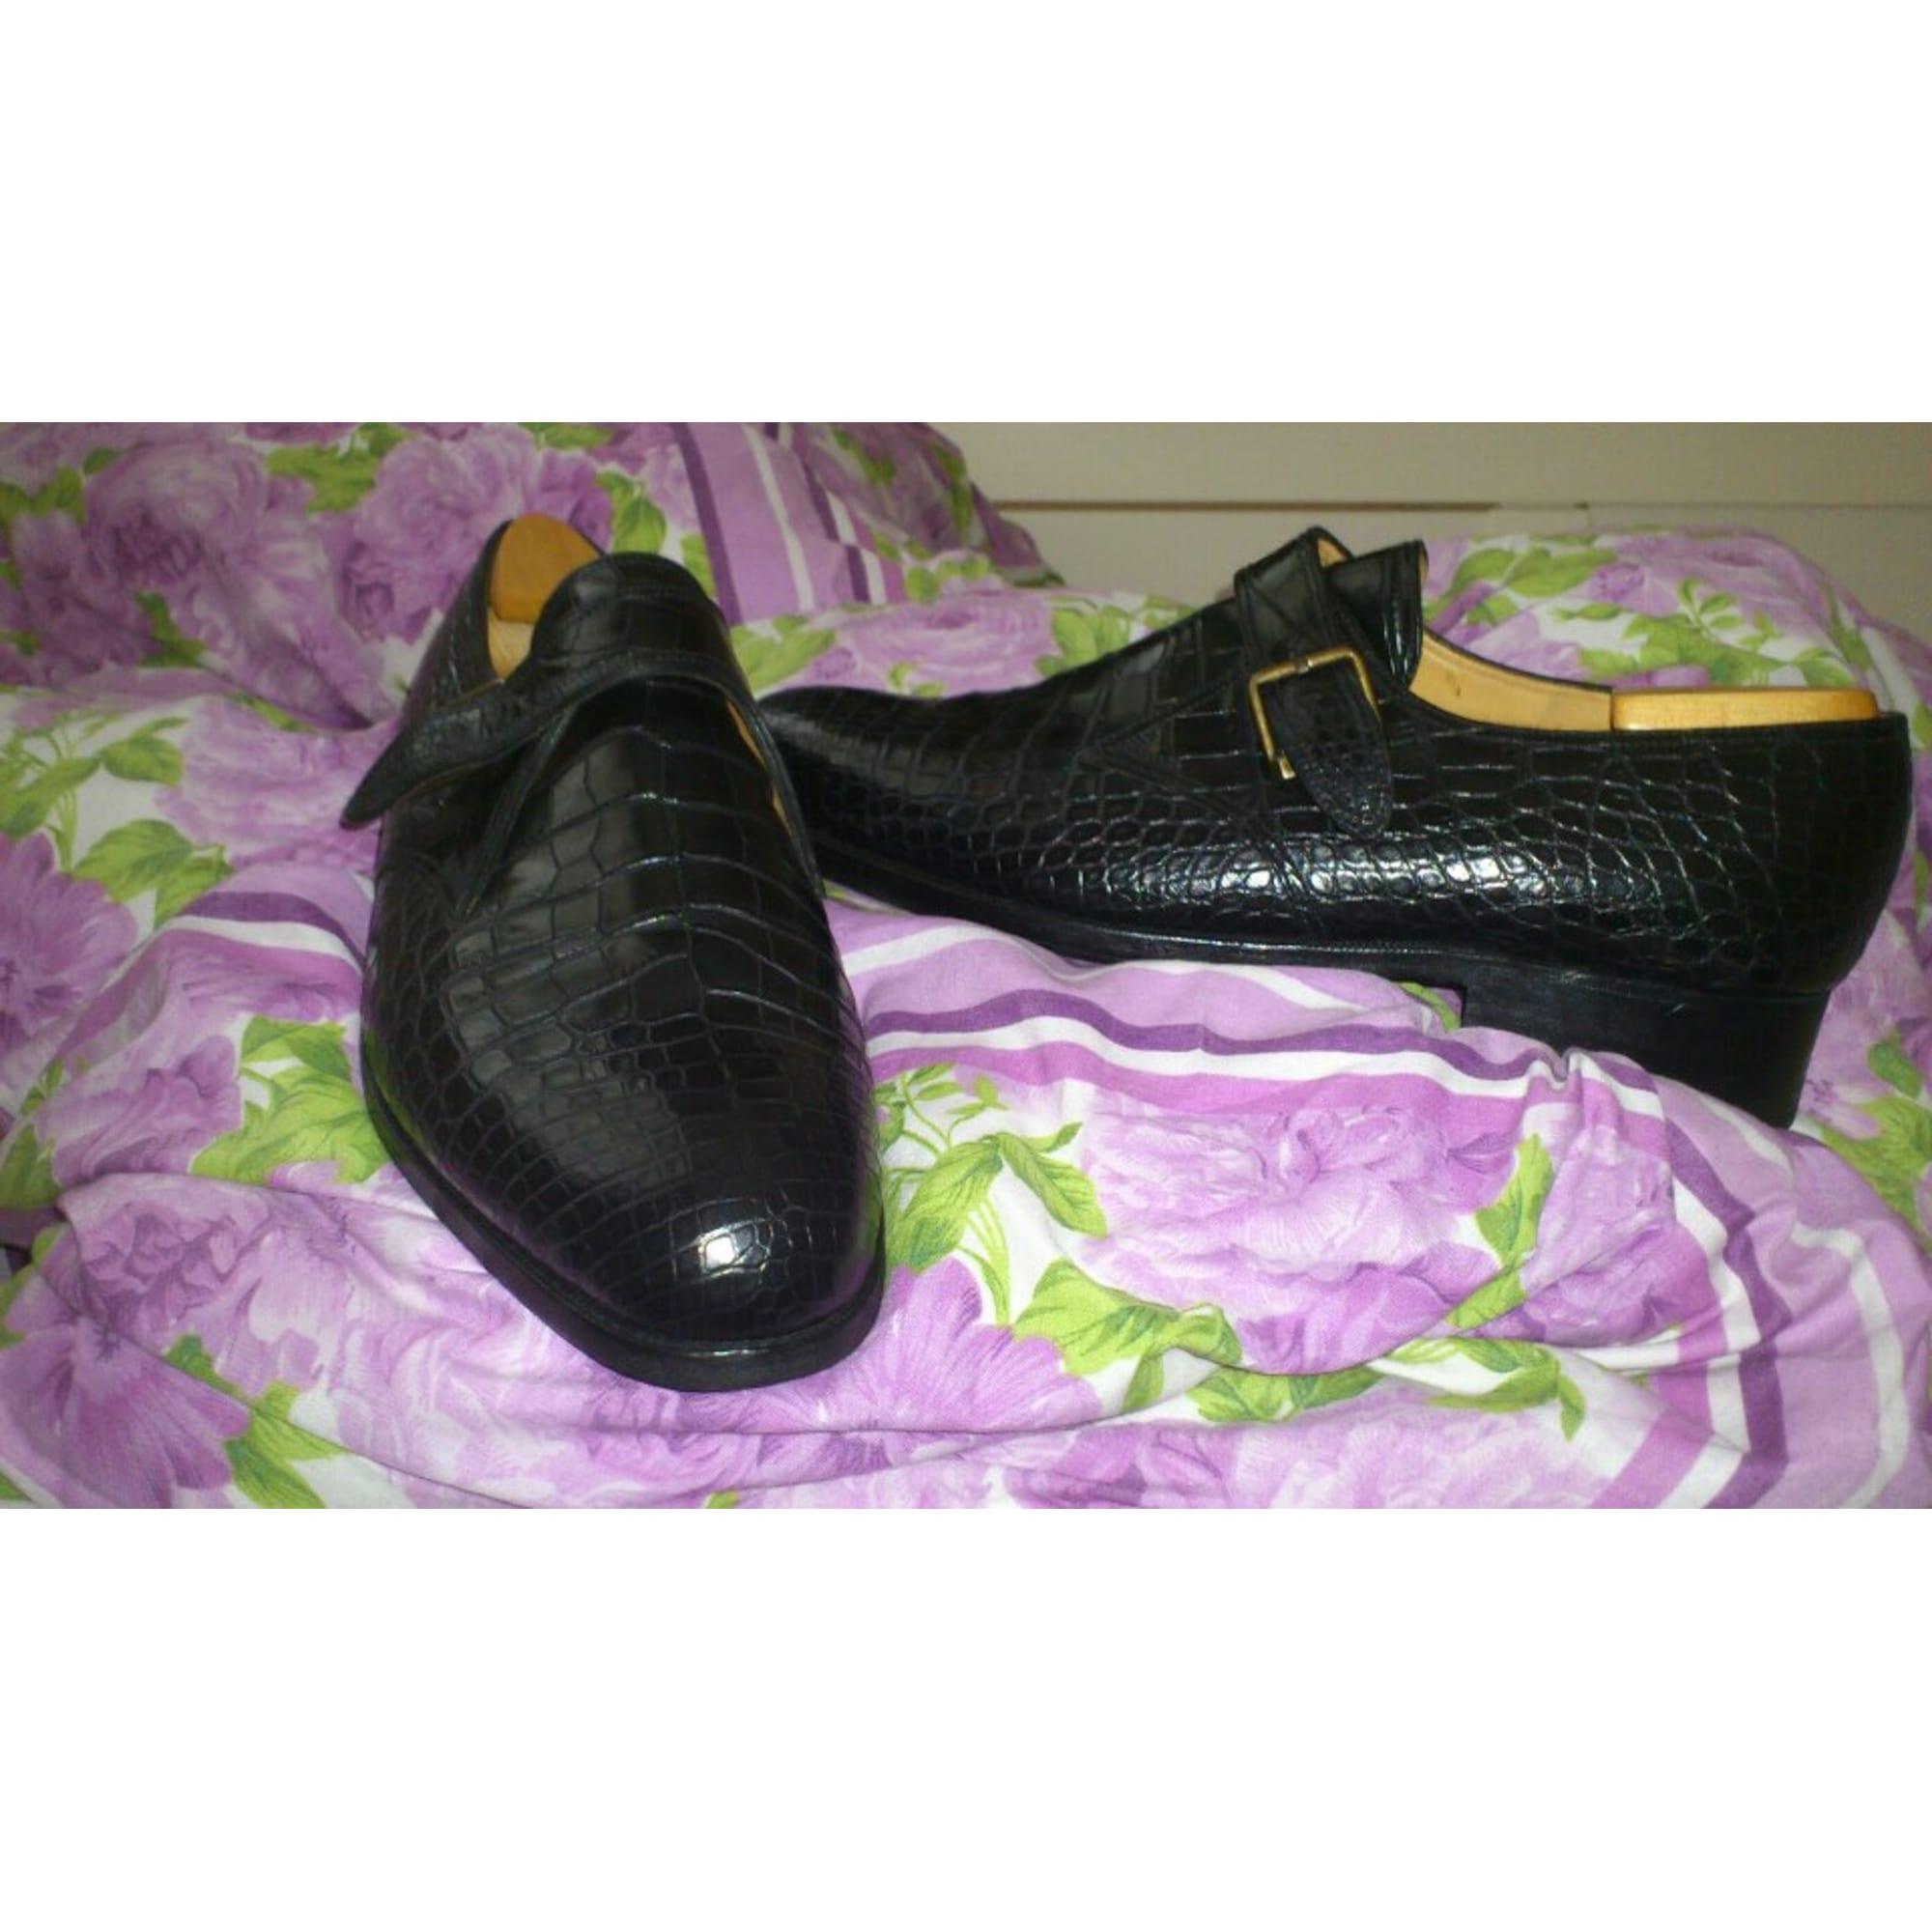 Chaussures 43 m Par Weston J Noir Vendu 7260548 À Boucles Franck rwXaqxRtrf